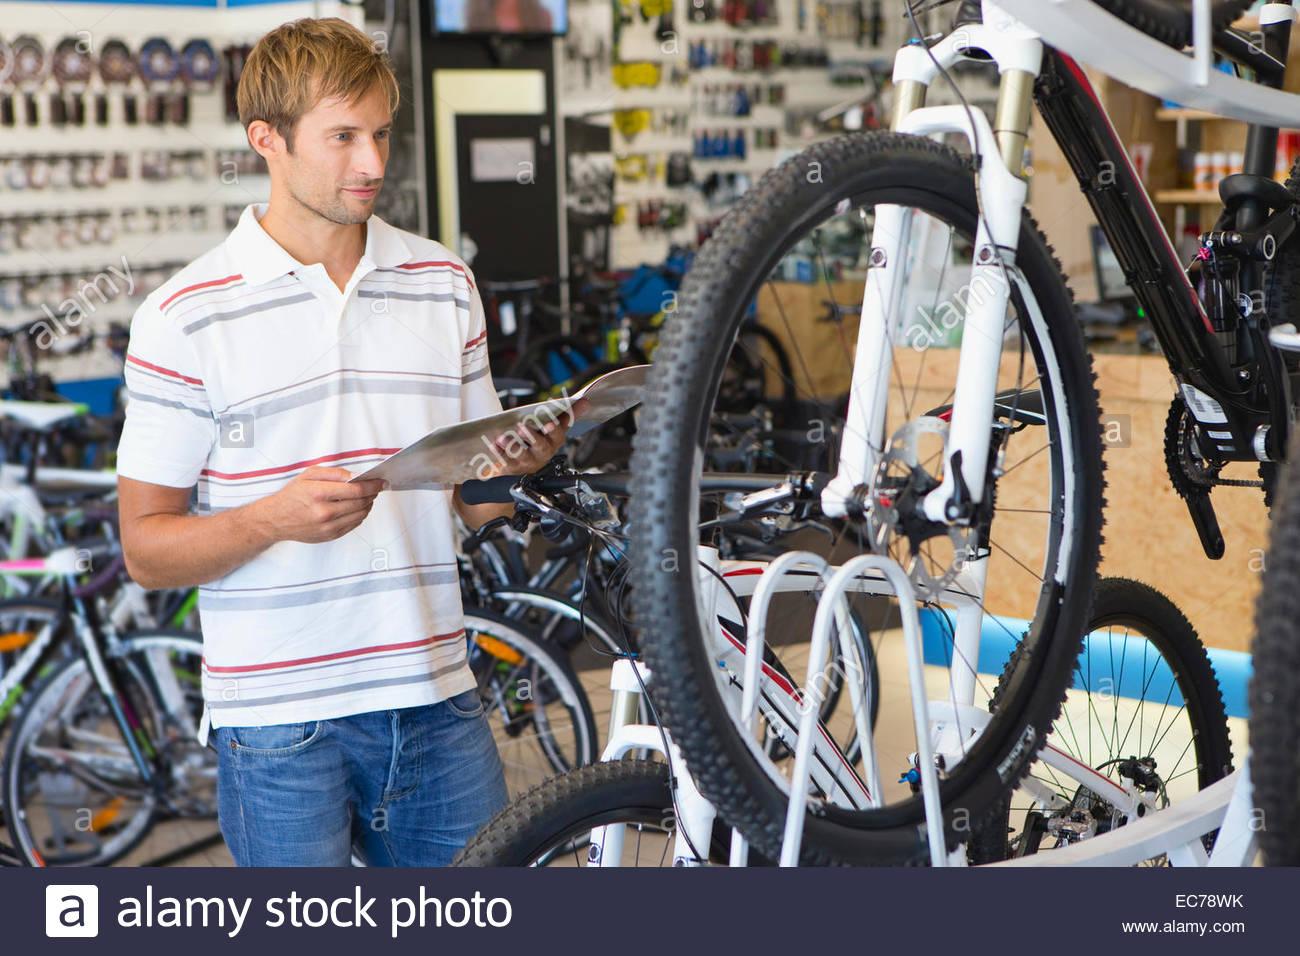 La elección de un hombre en la tienda de bicicletas Imagen De Stock